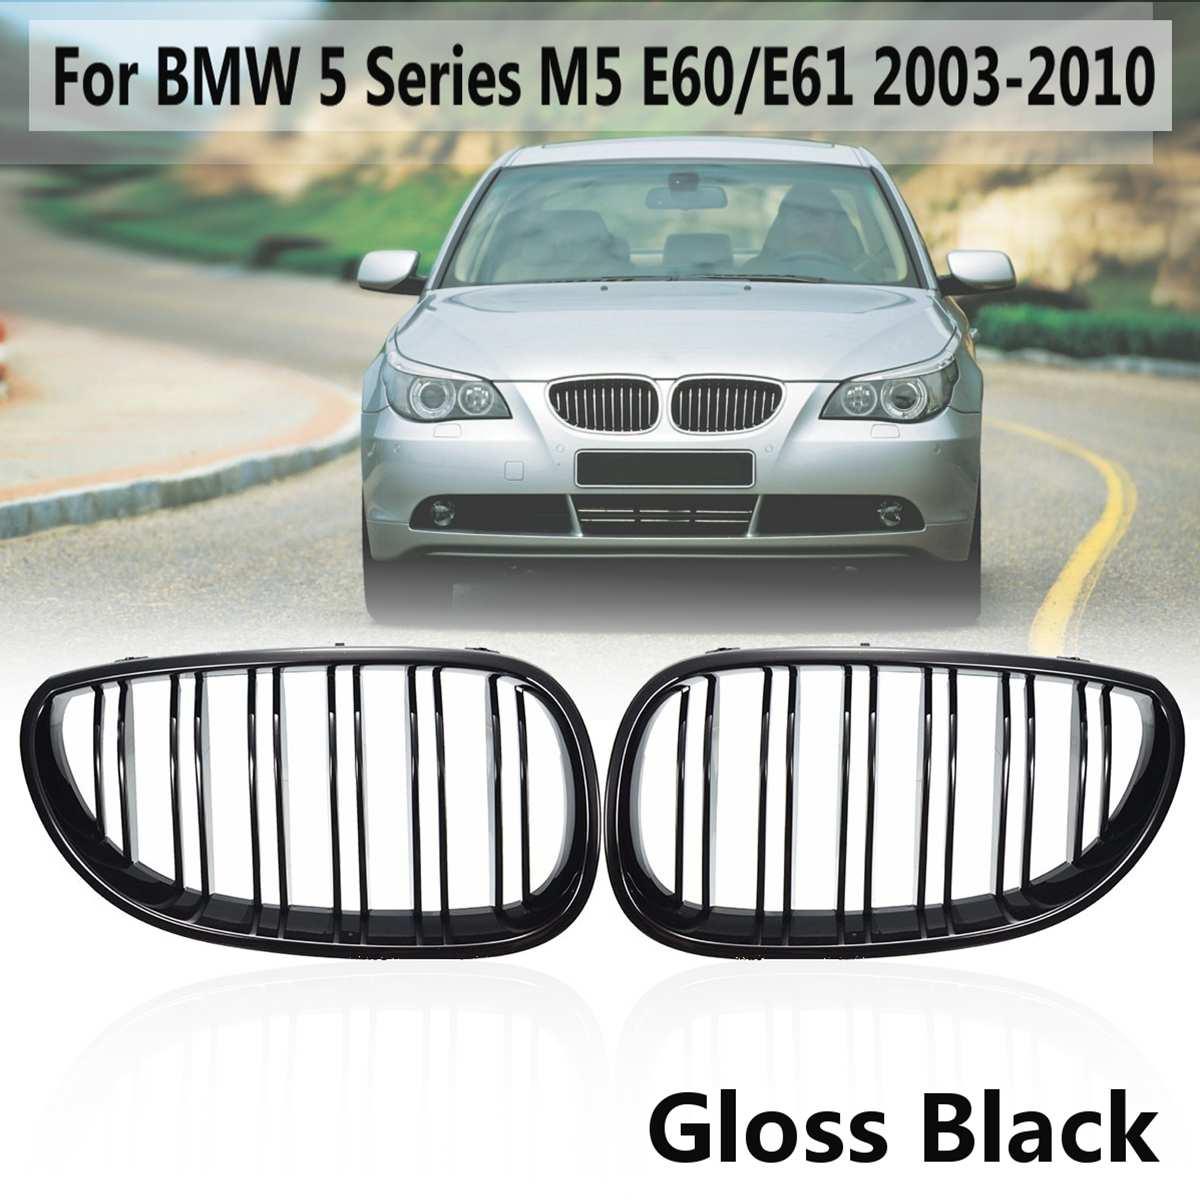 Frente del coche rejilla deportiva riñón rejillas de parrilla para BMW serie 5 M5 E60/E61 2003, 2004, 2005, 2006, 2007, 2008, 2009, 2010, negro brillante